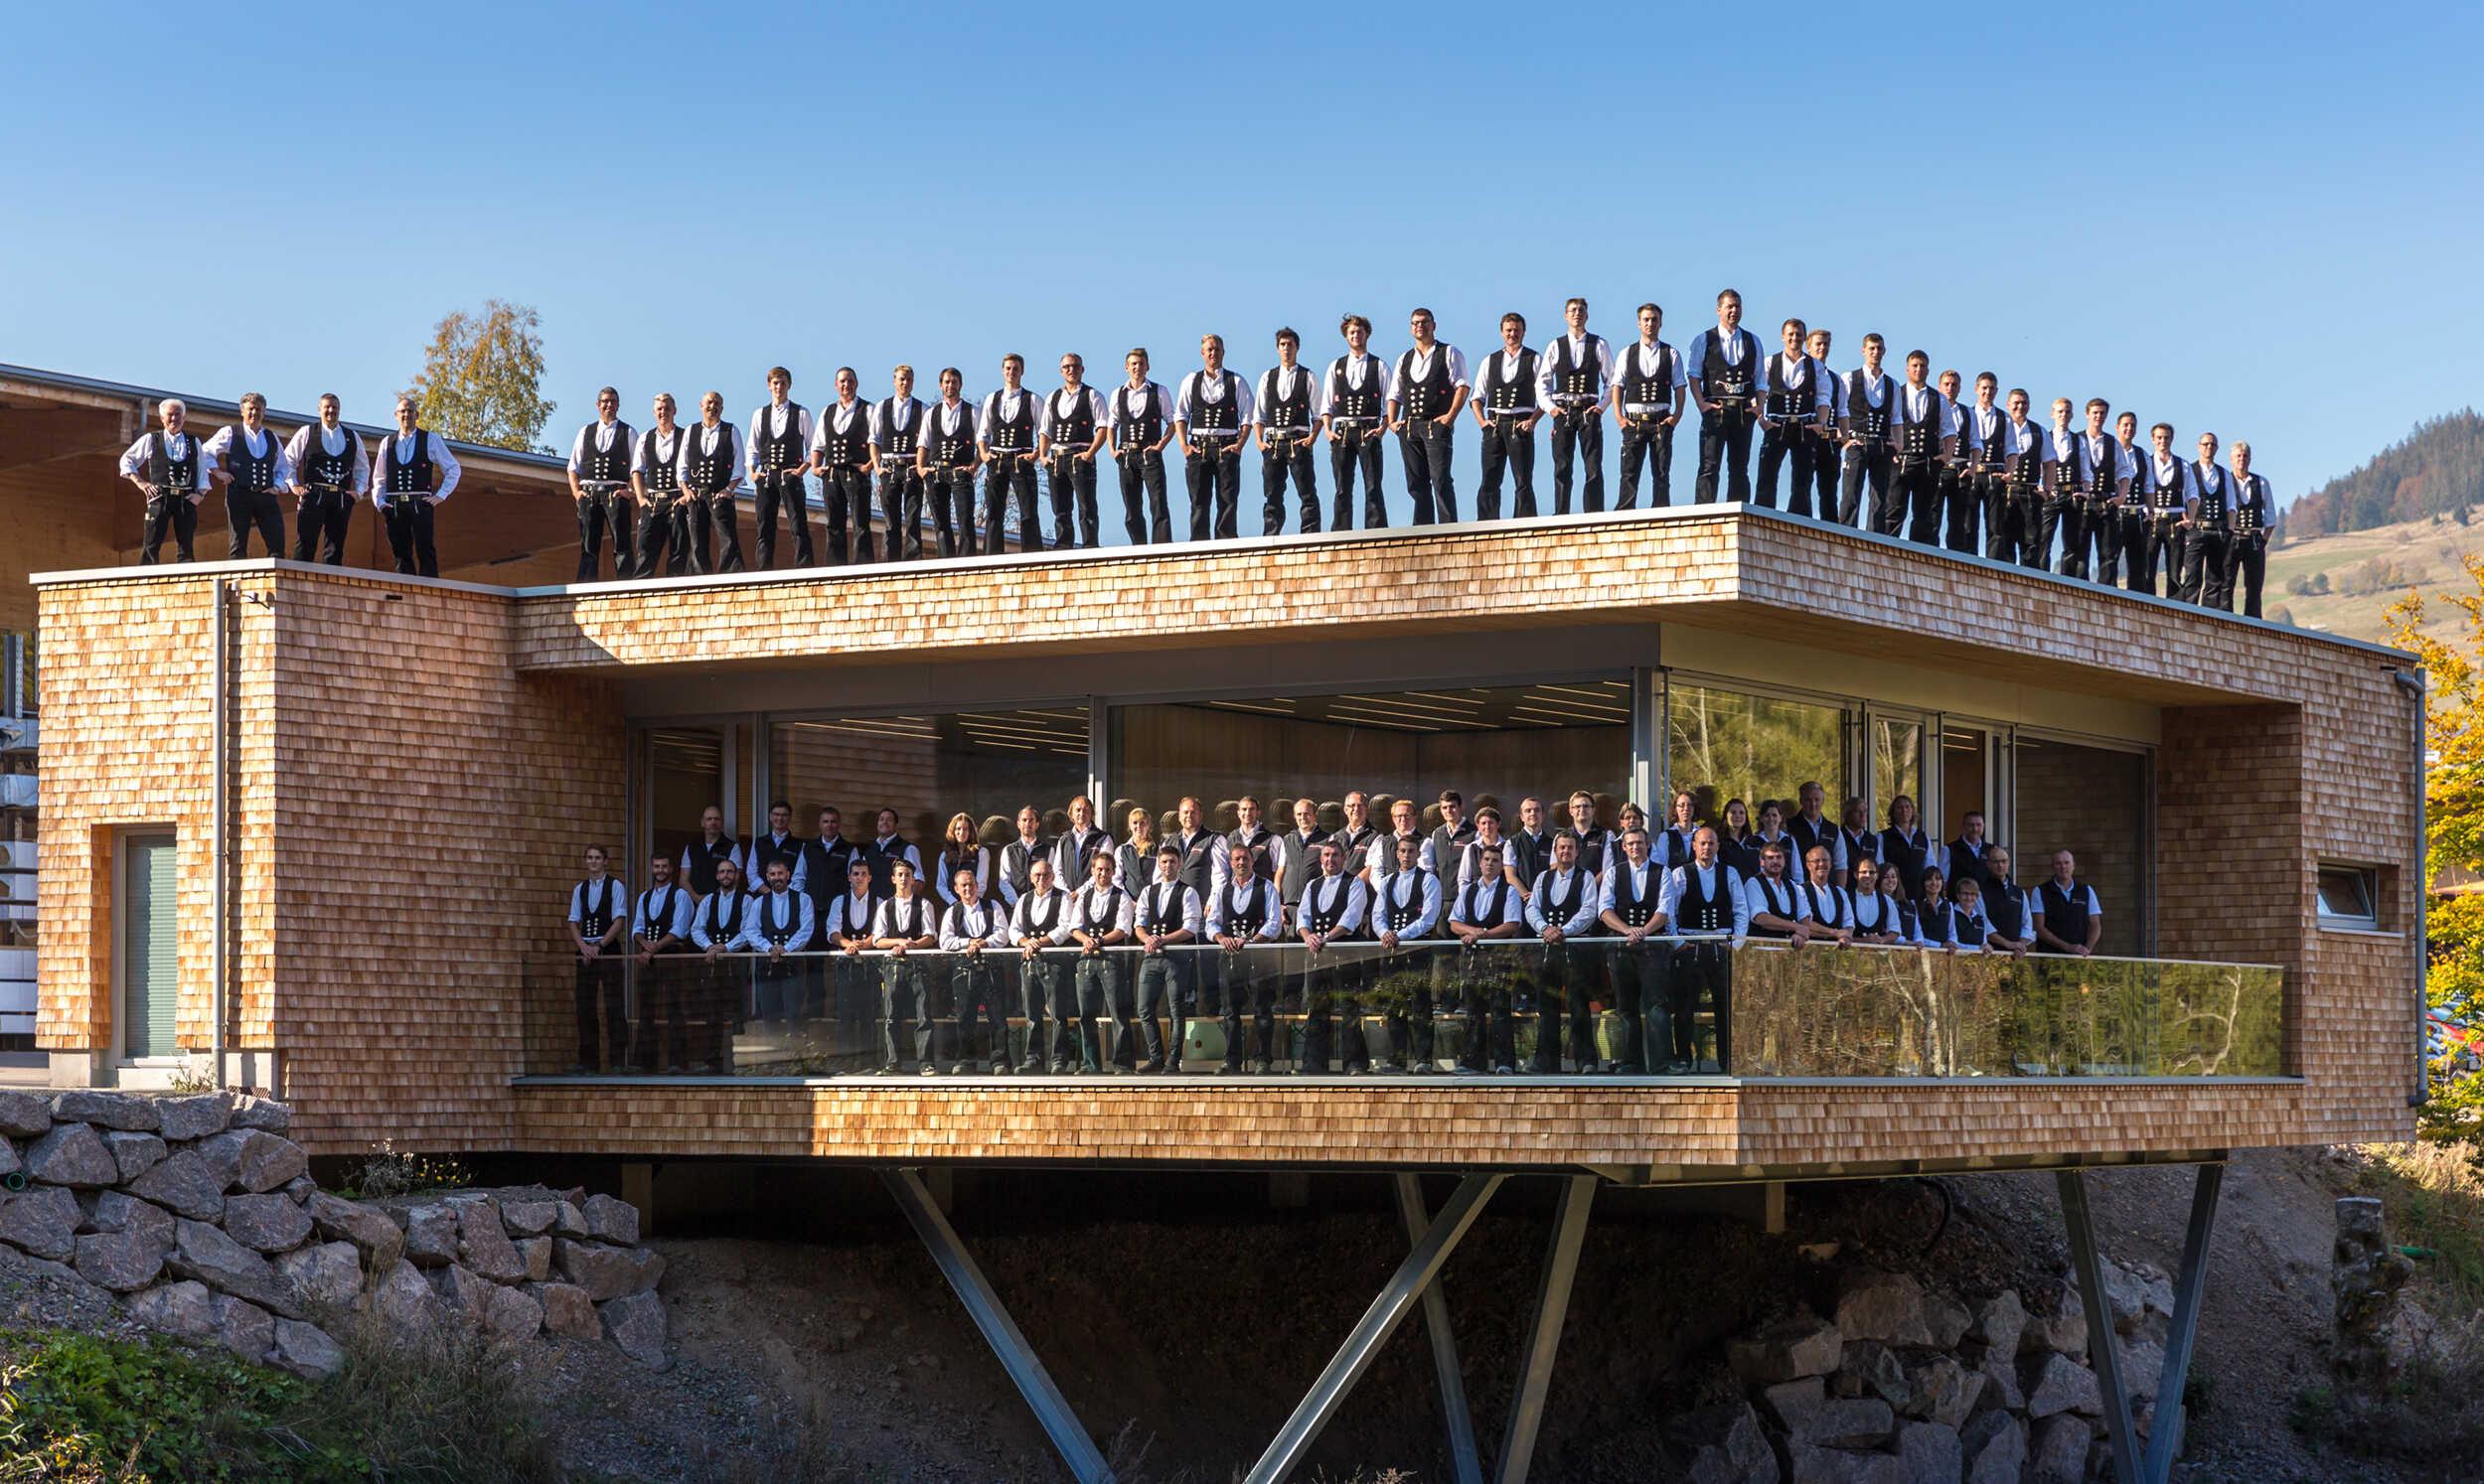 2018Q-Mannschaft Pavillon nah 1